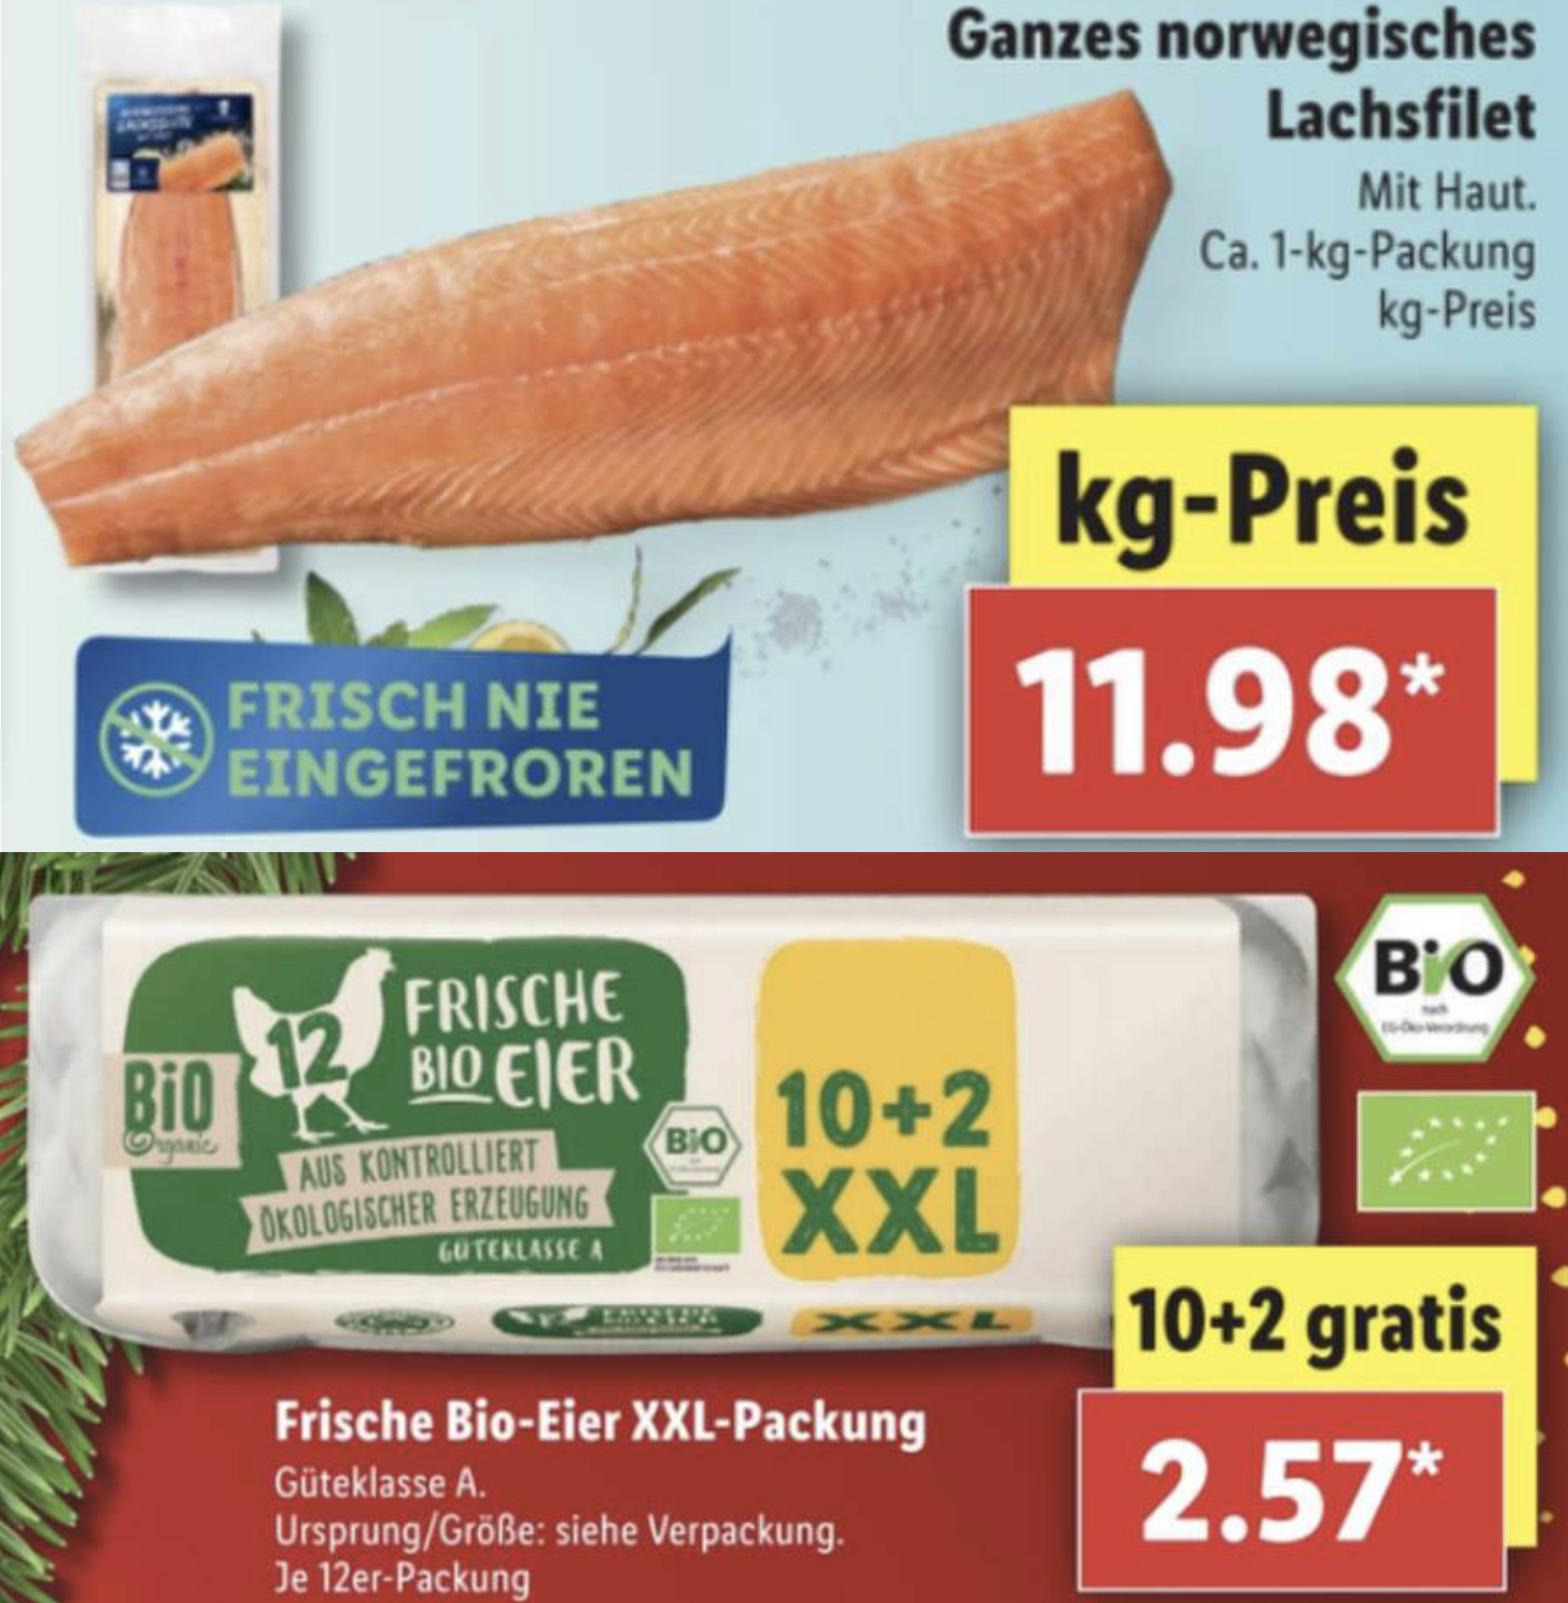 Bio Eier 10 + 2 XXL Packung für 2,57€ / Lachsfilet je kg 11,98€ / Heinz Ketchup 875ml Flasche für 1,69€ usw.